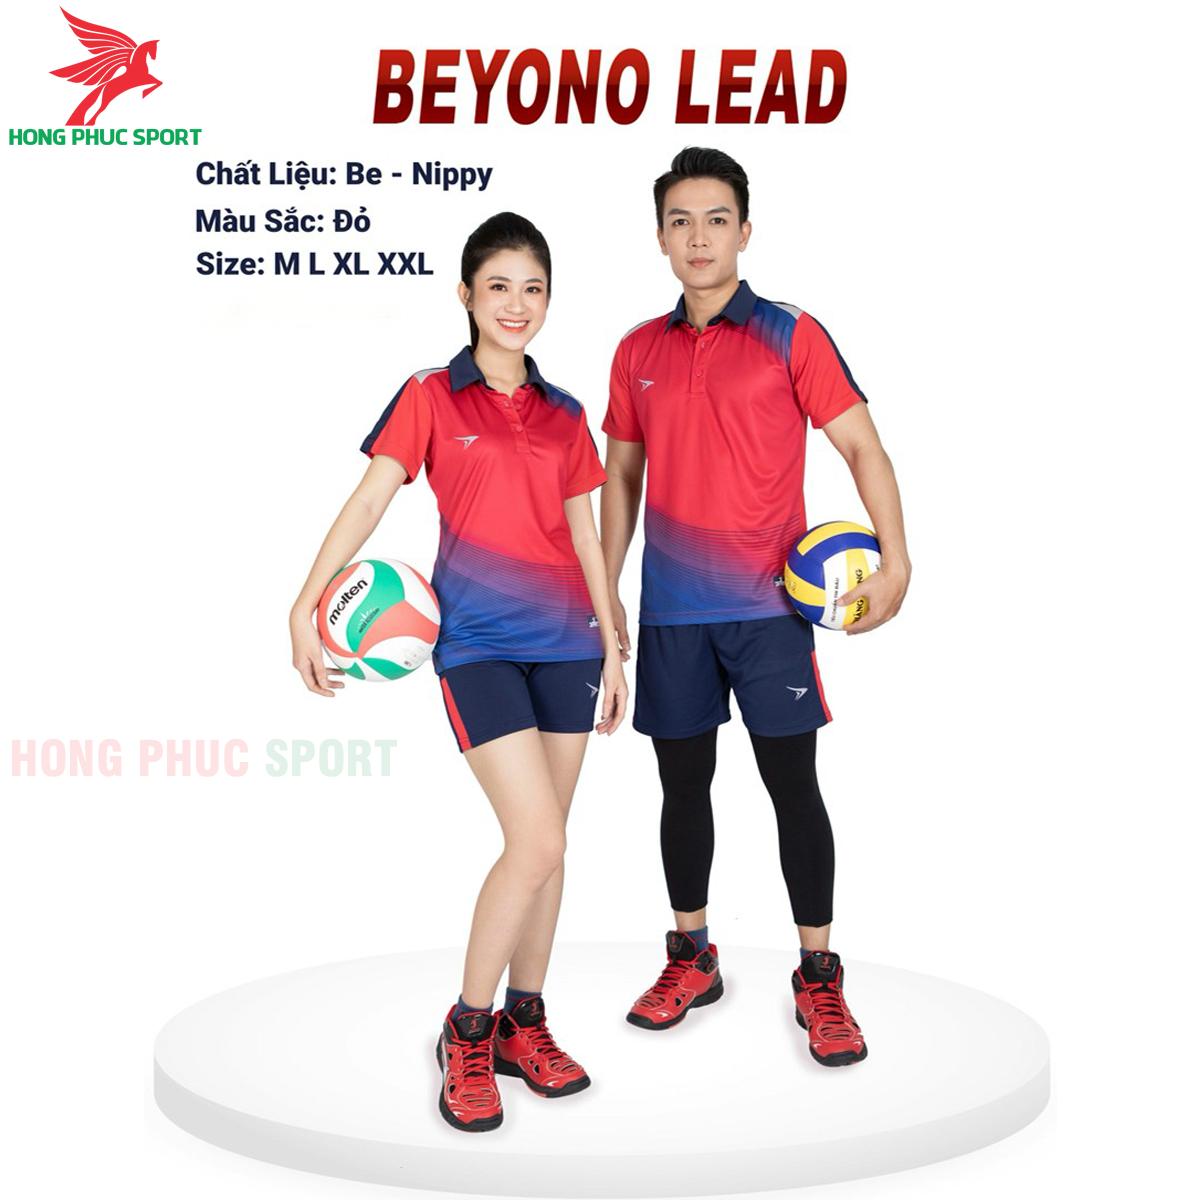 https://cdn.hongphucsport.com/unsafe/s4.shopbay.vn/files/285/ao-bong-chuyen-beyono-lead-mau-do-6039c89711819.png